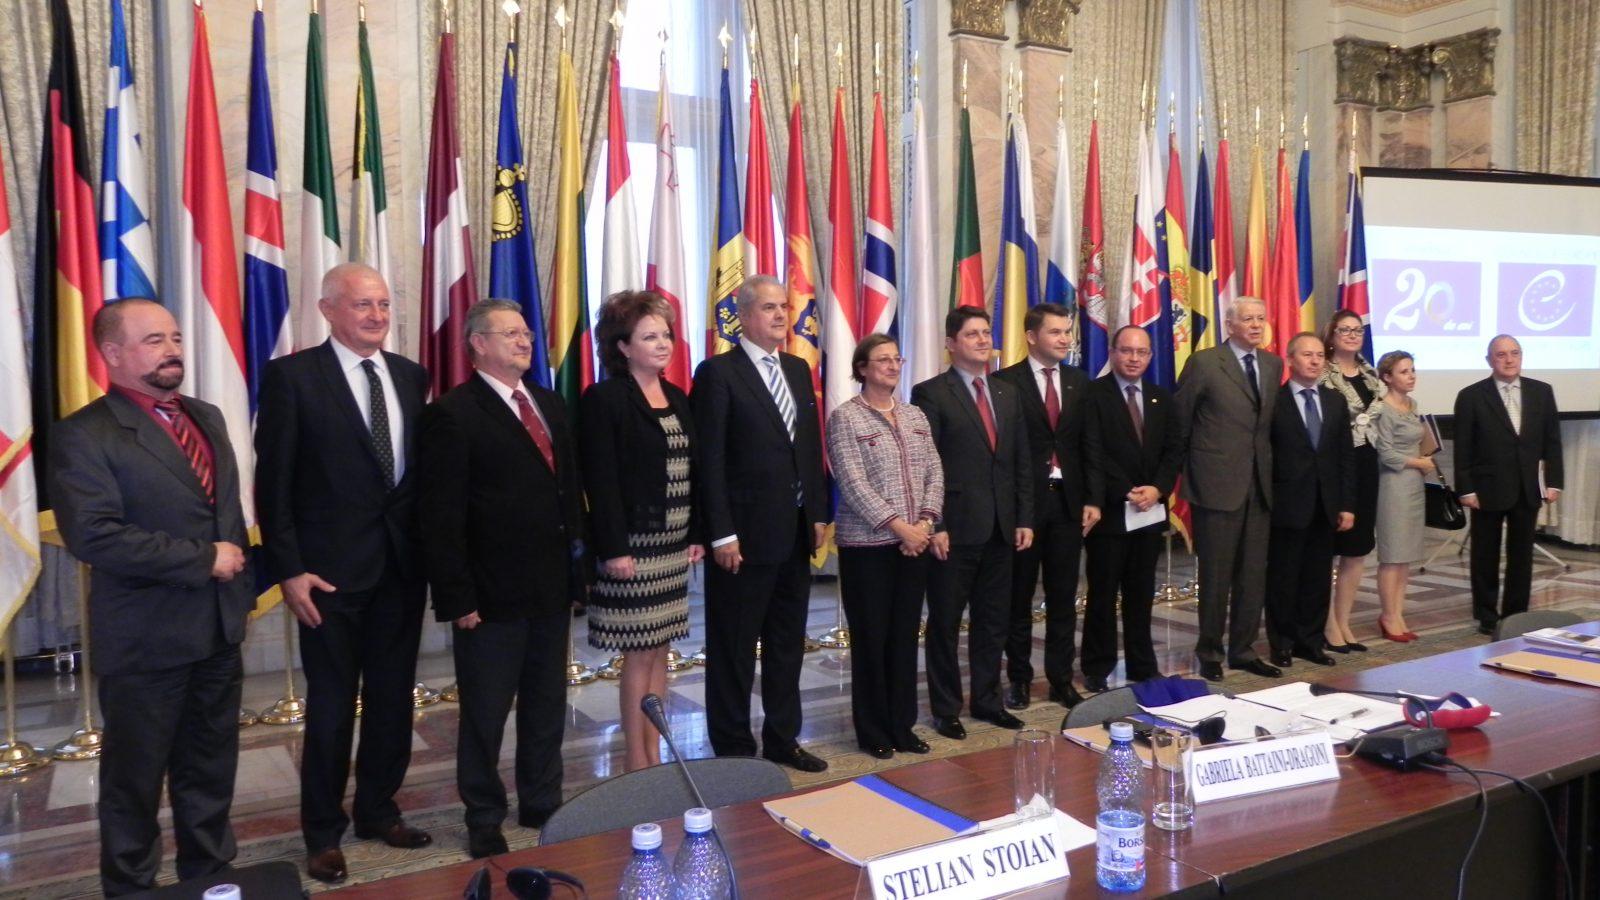 """Președintele FET, dl. Adrian Năstase, la seminarul aniversar """"România și Consiliul Europei"""""""